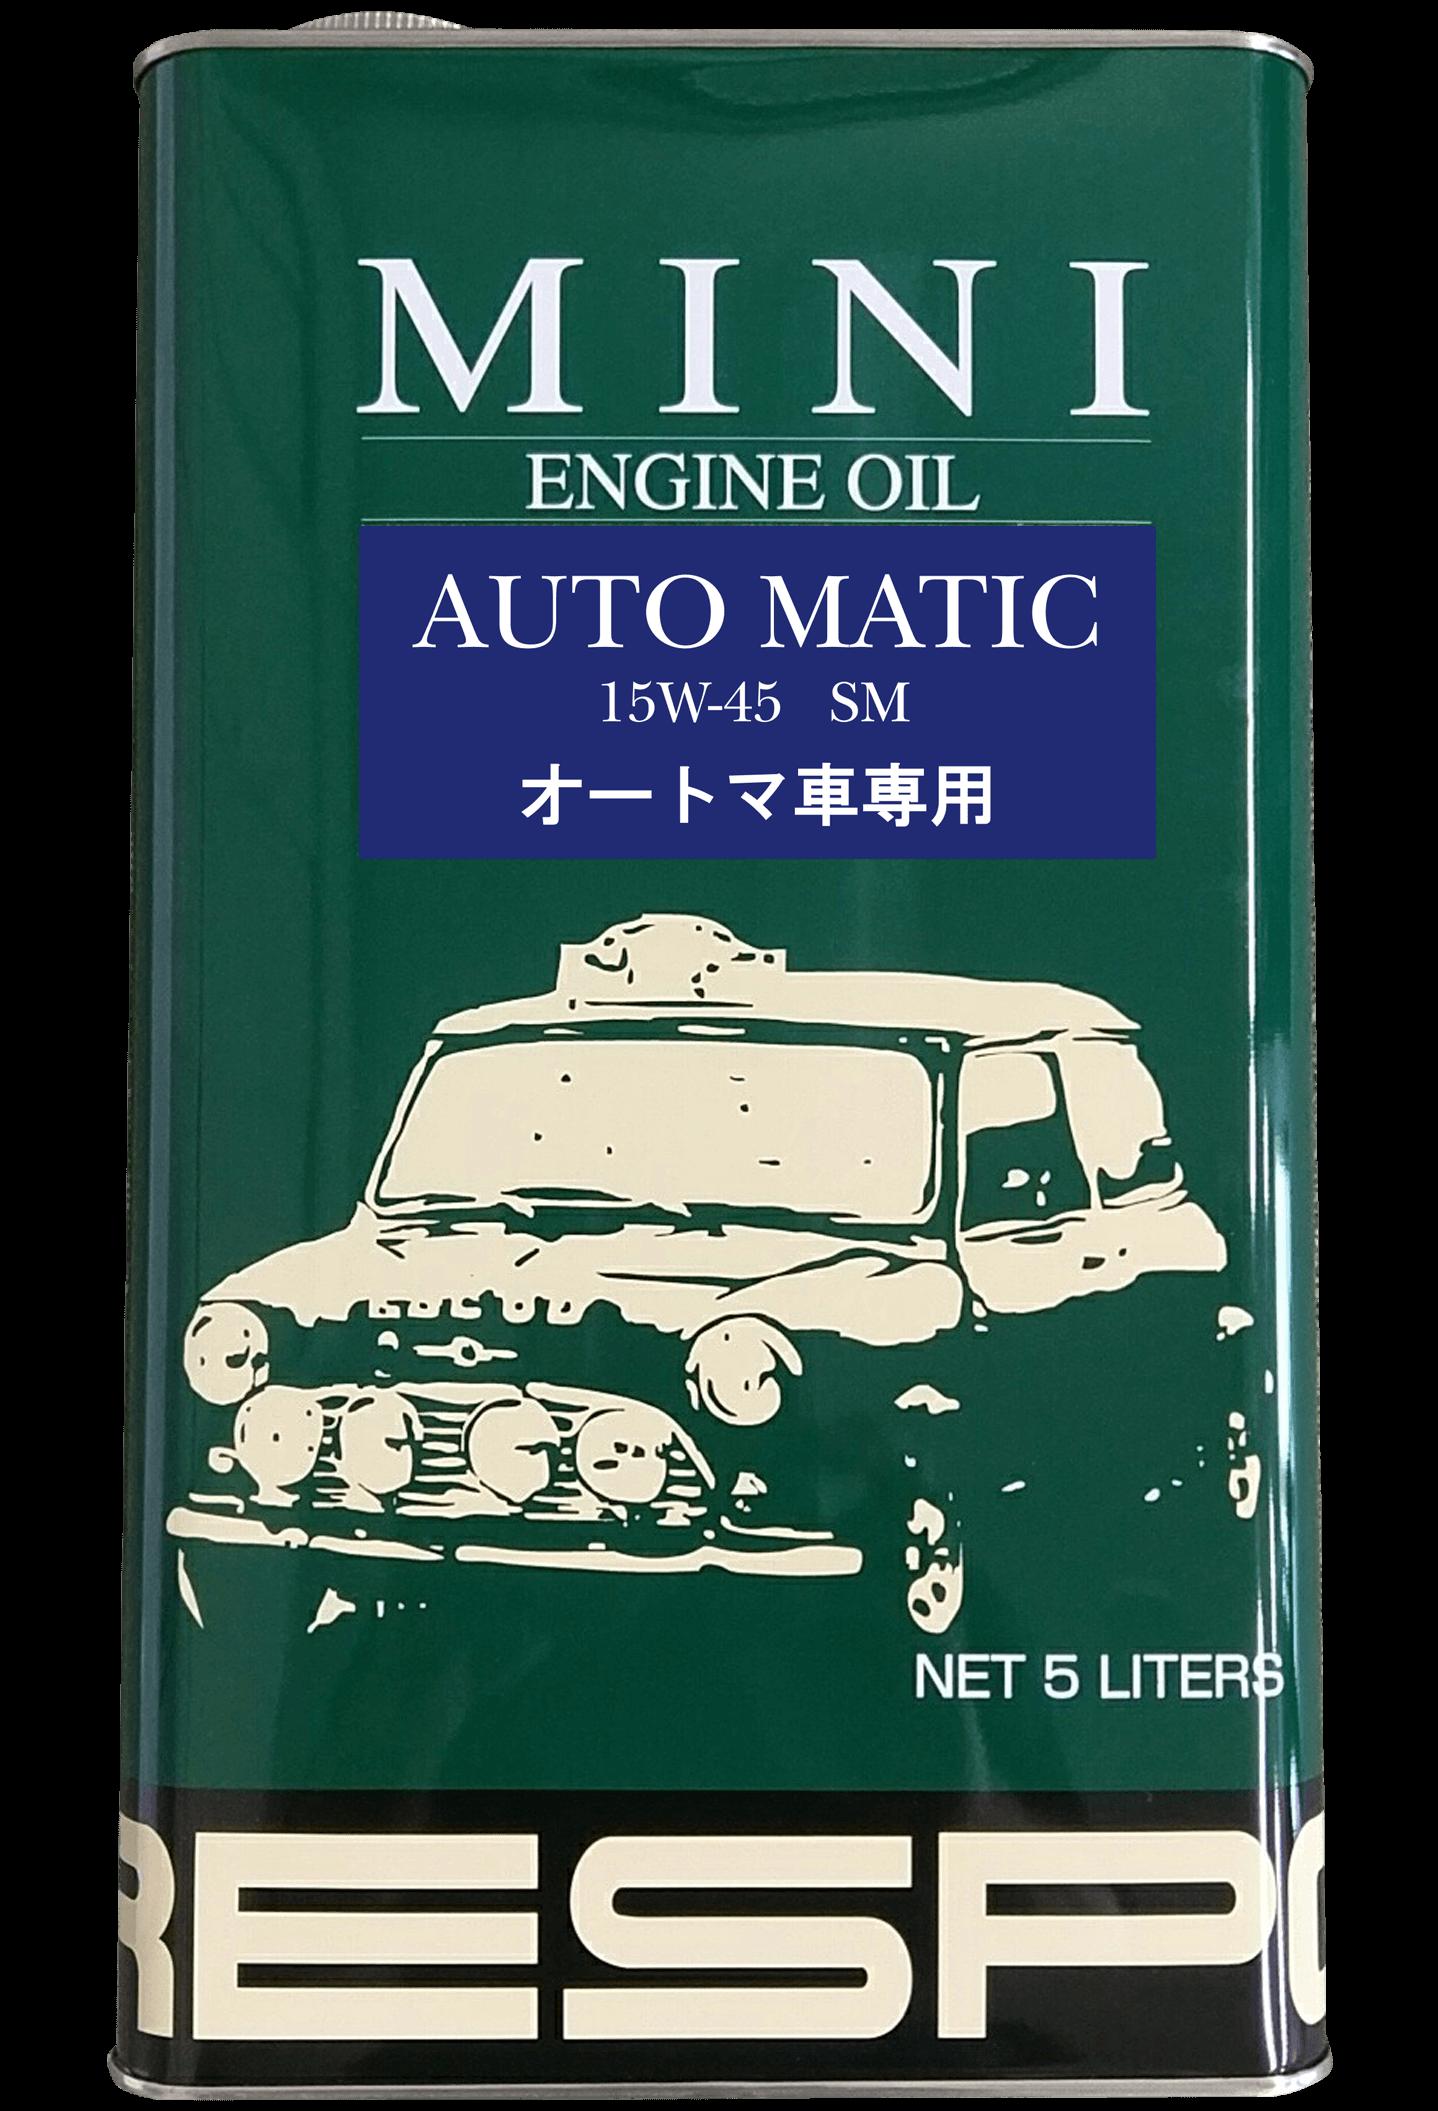 MINI AUTO MATIC 15w-45